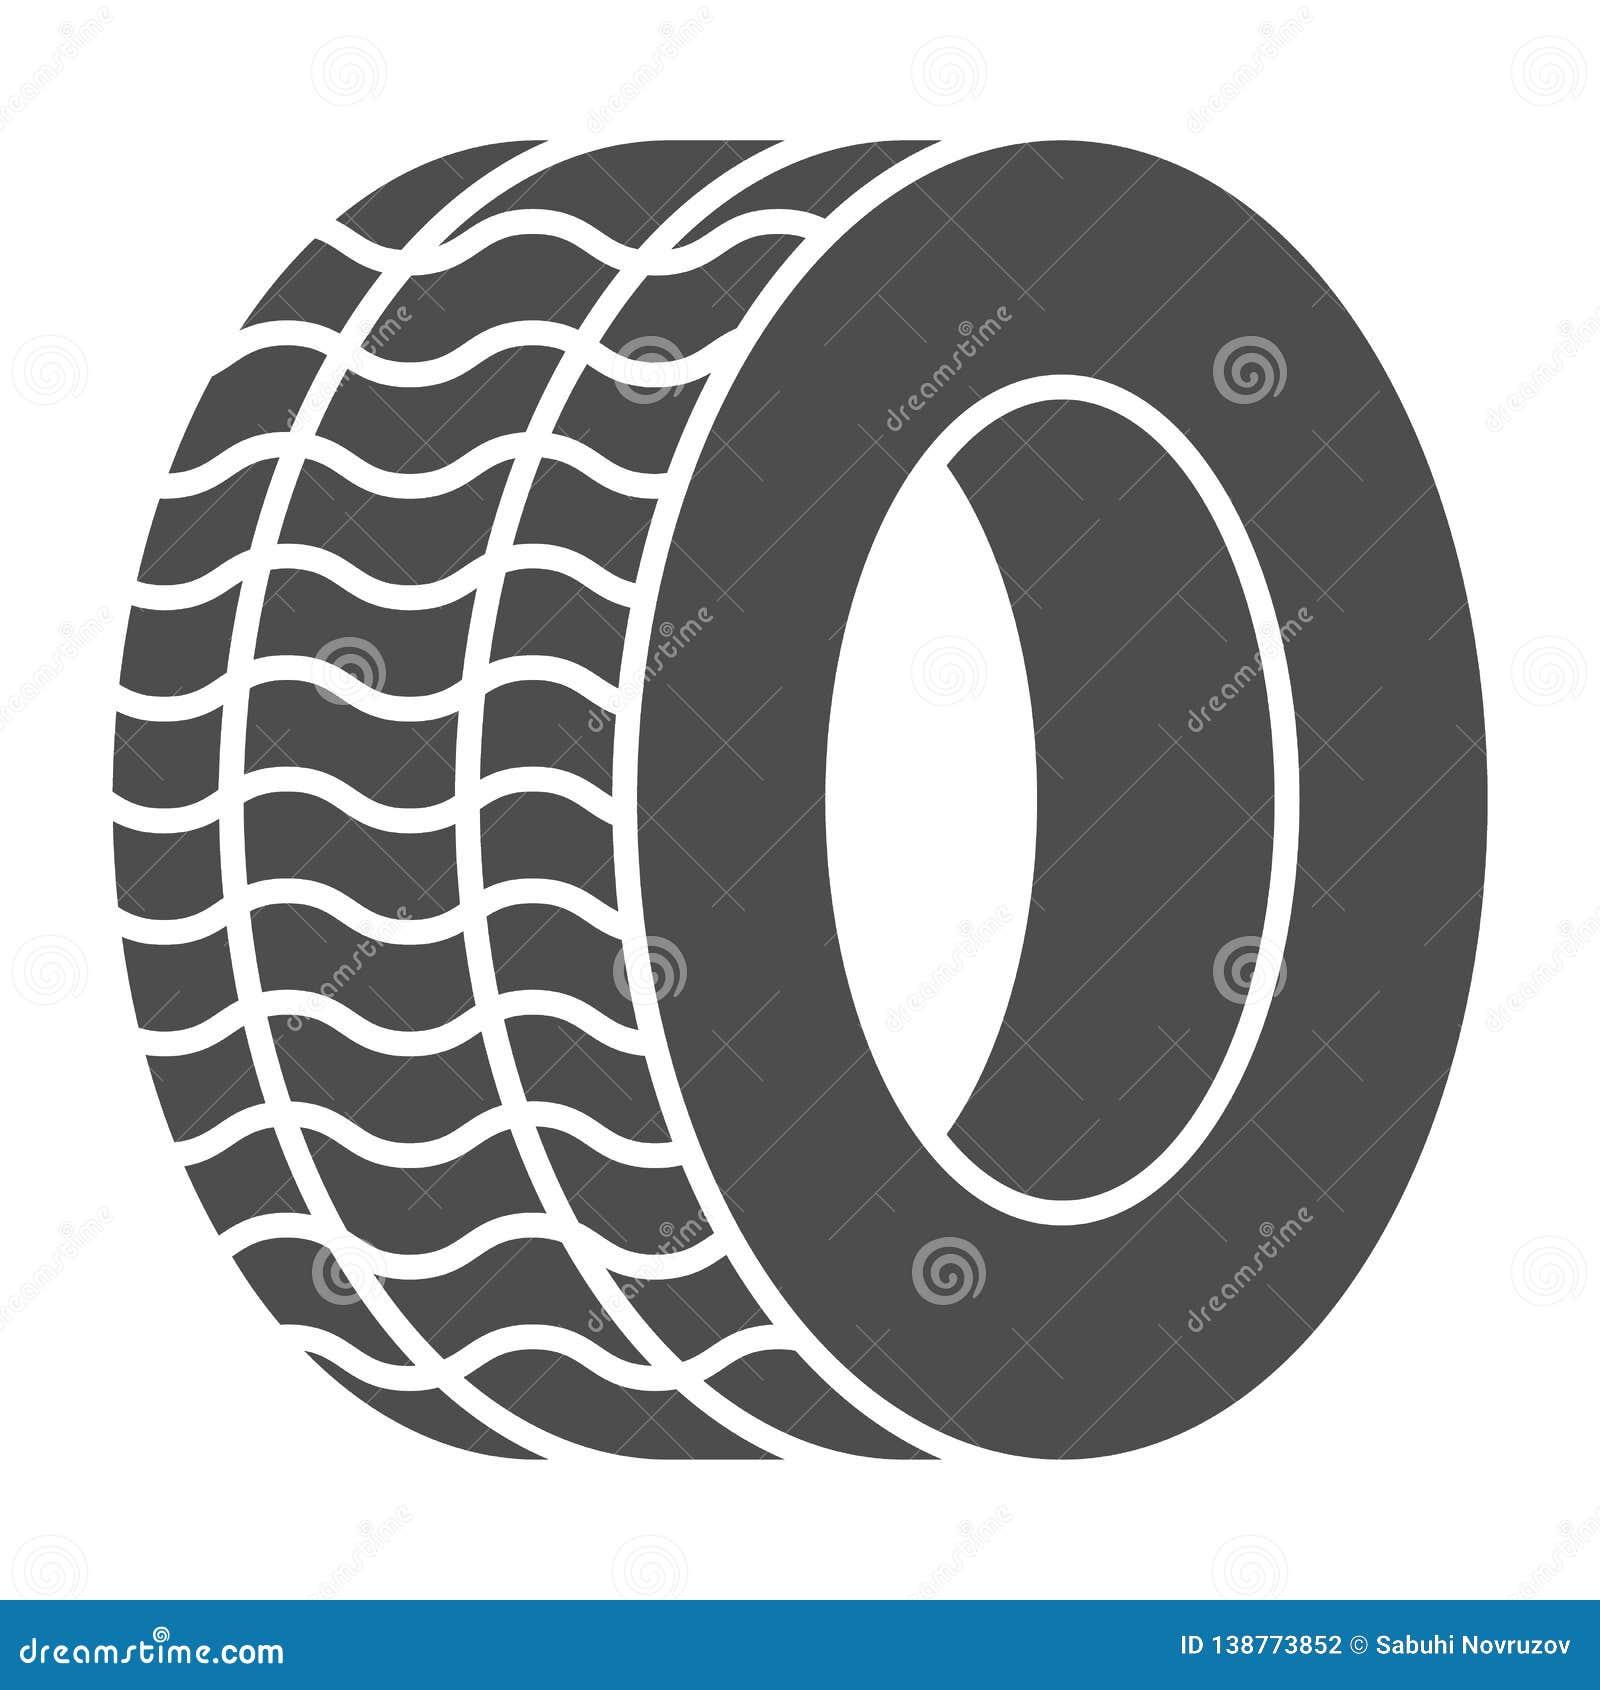 Feste Ikone des Reifens Automobilrad-Vektorillustration lokalisiert auf Weiß Autoreifen Glyph-Artentwurf, bestimmt für Netz